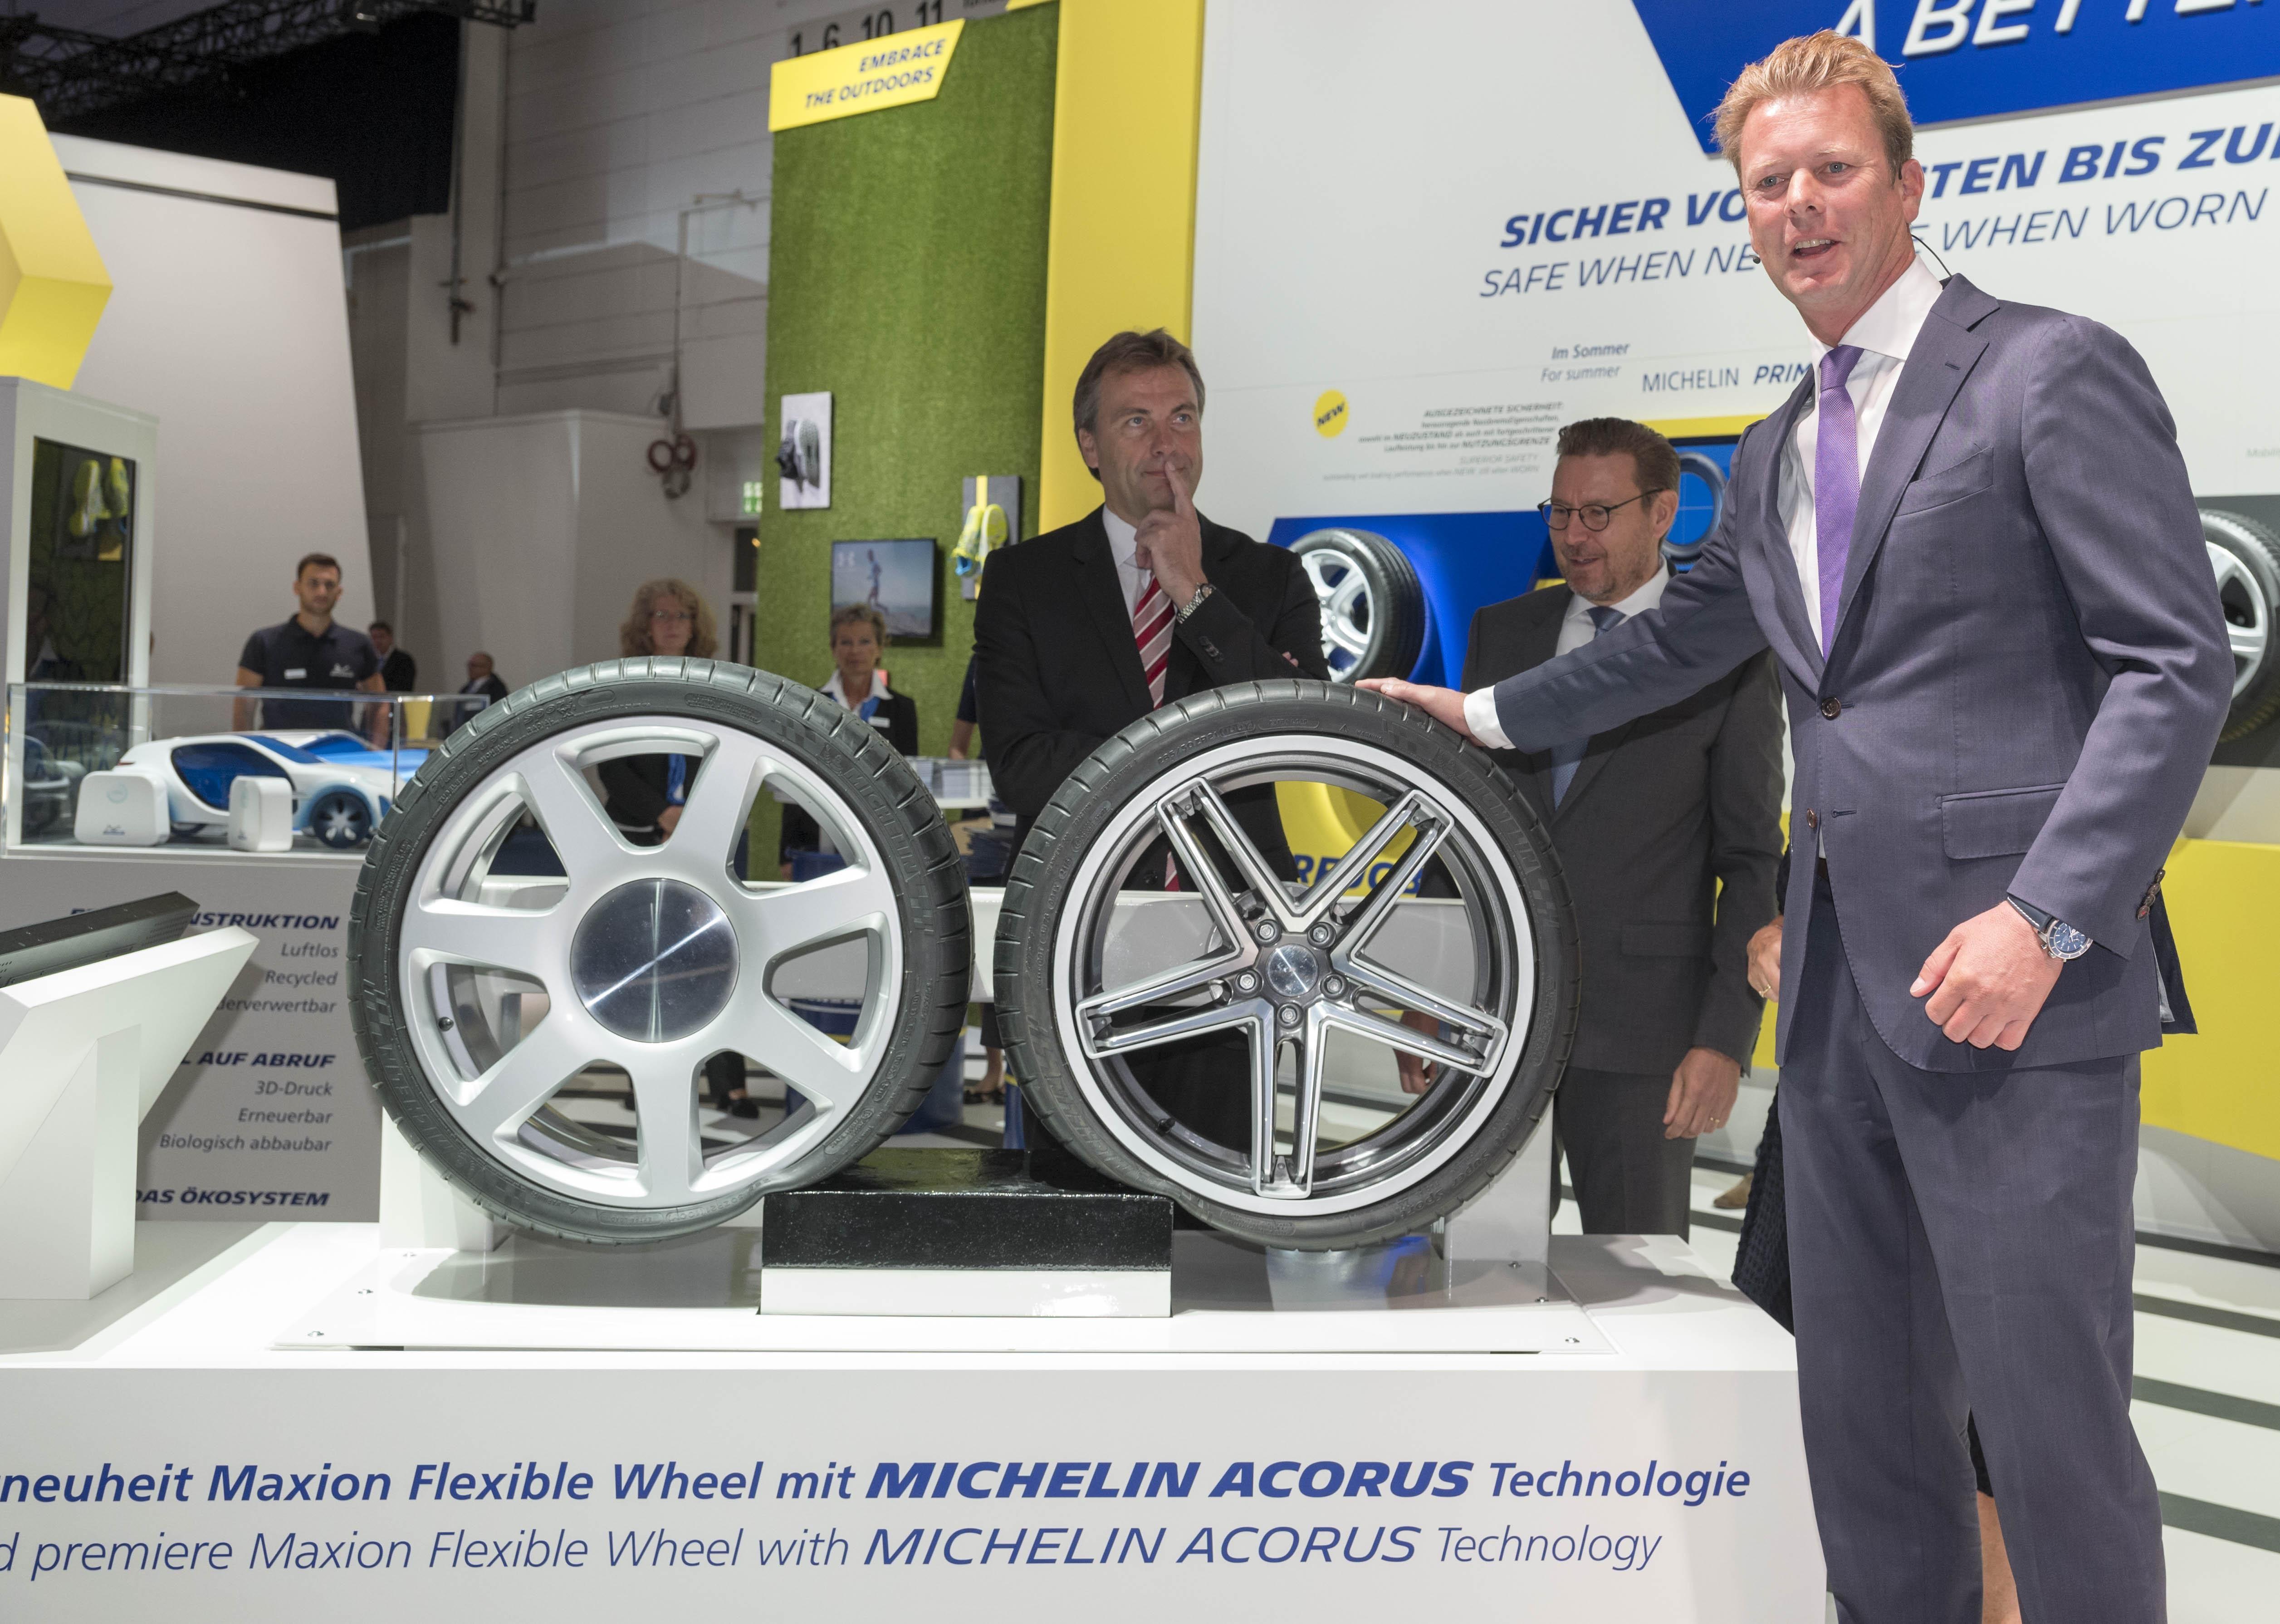 Гибкие колесные диски от Michelin и Maxion Wheels не боятся выбоин и бордюров